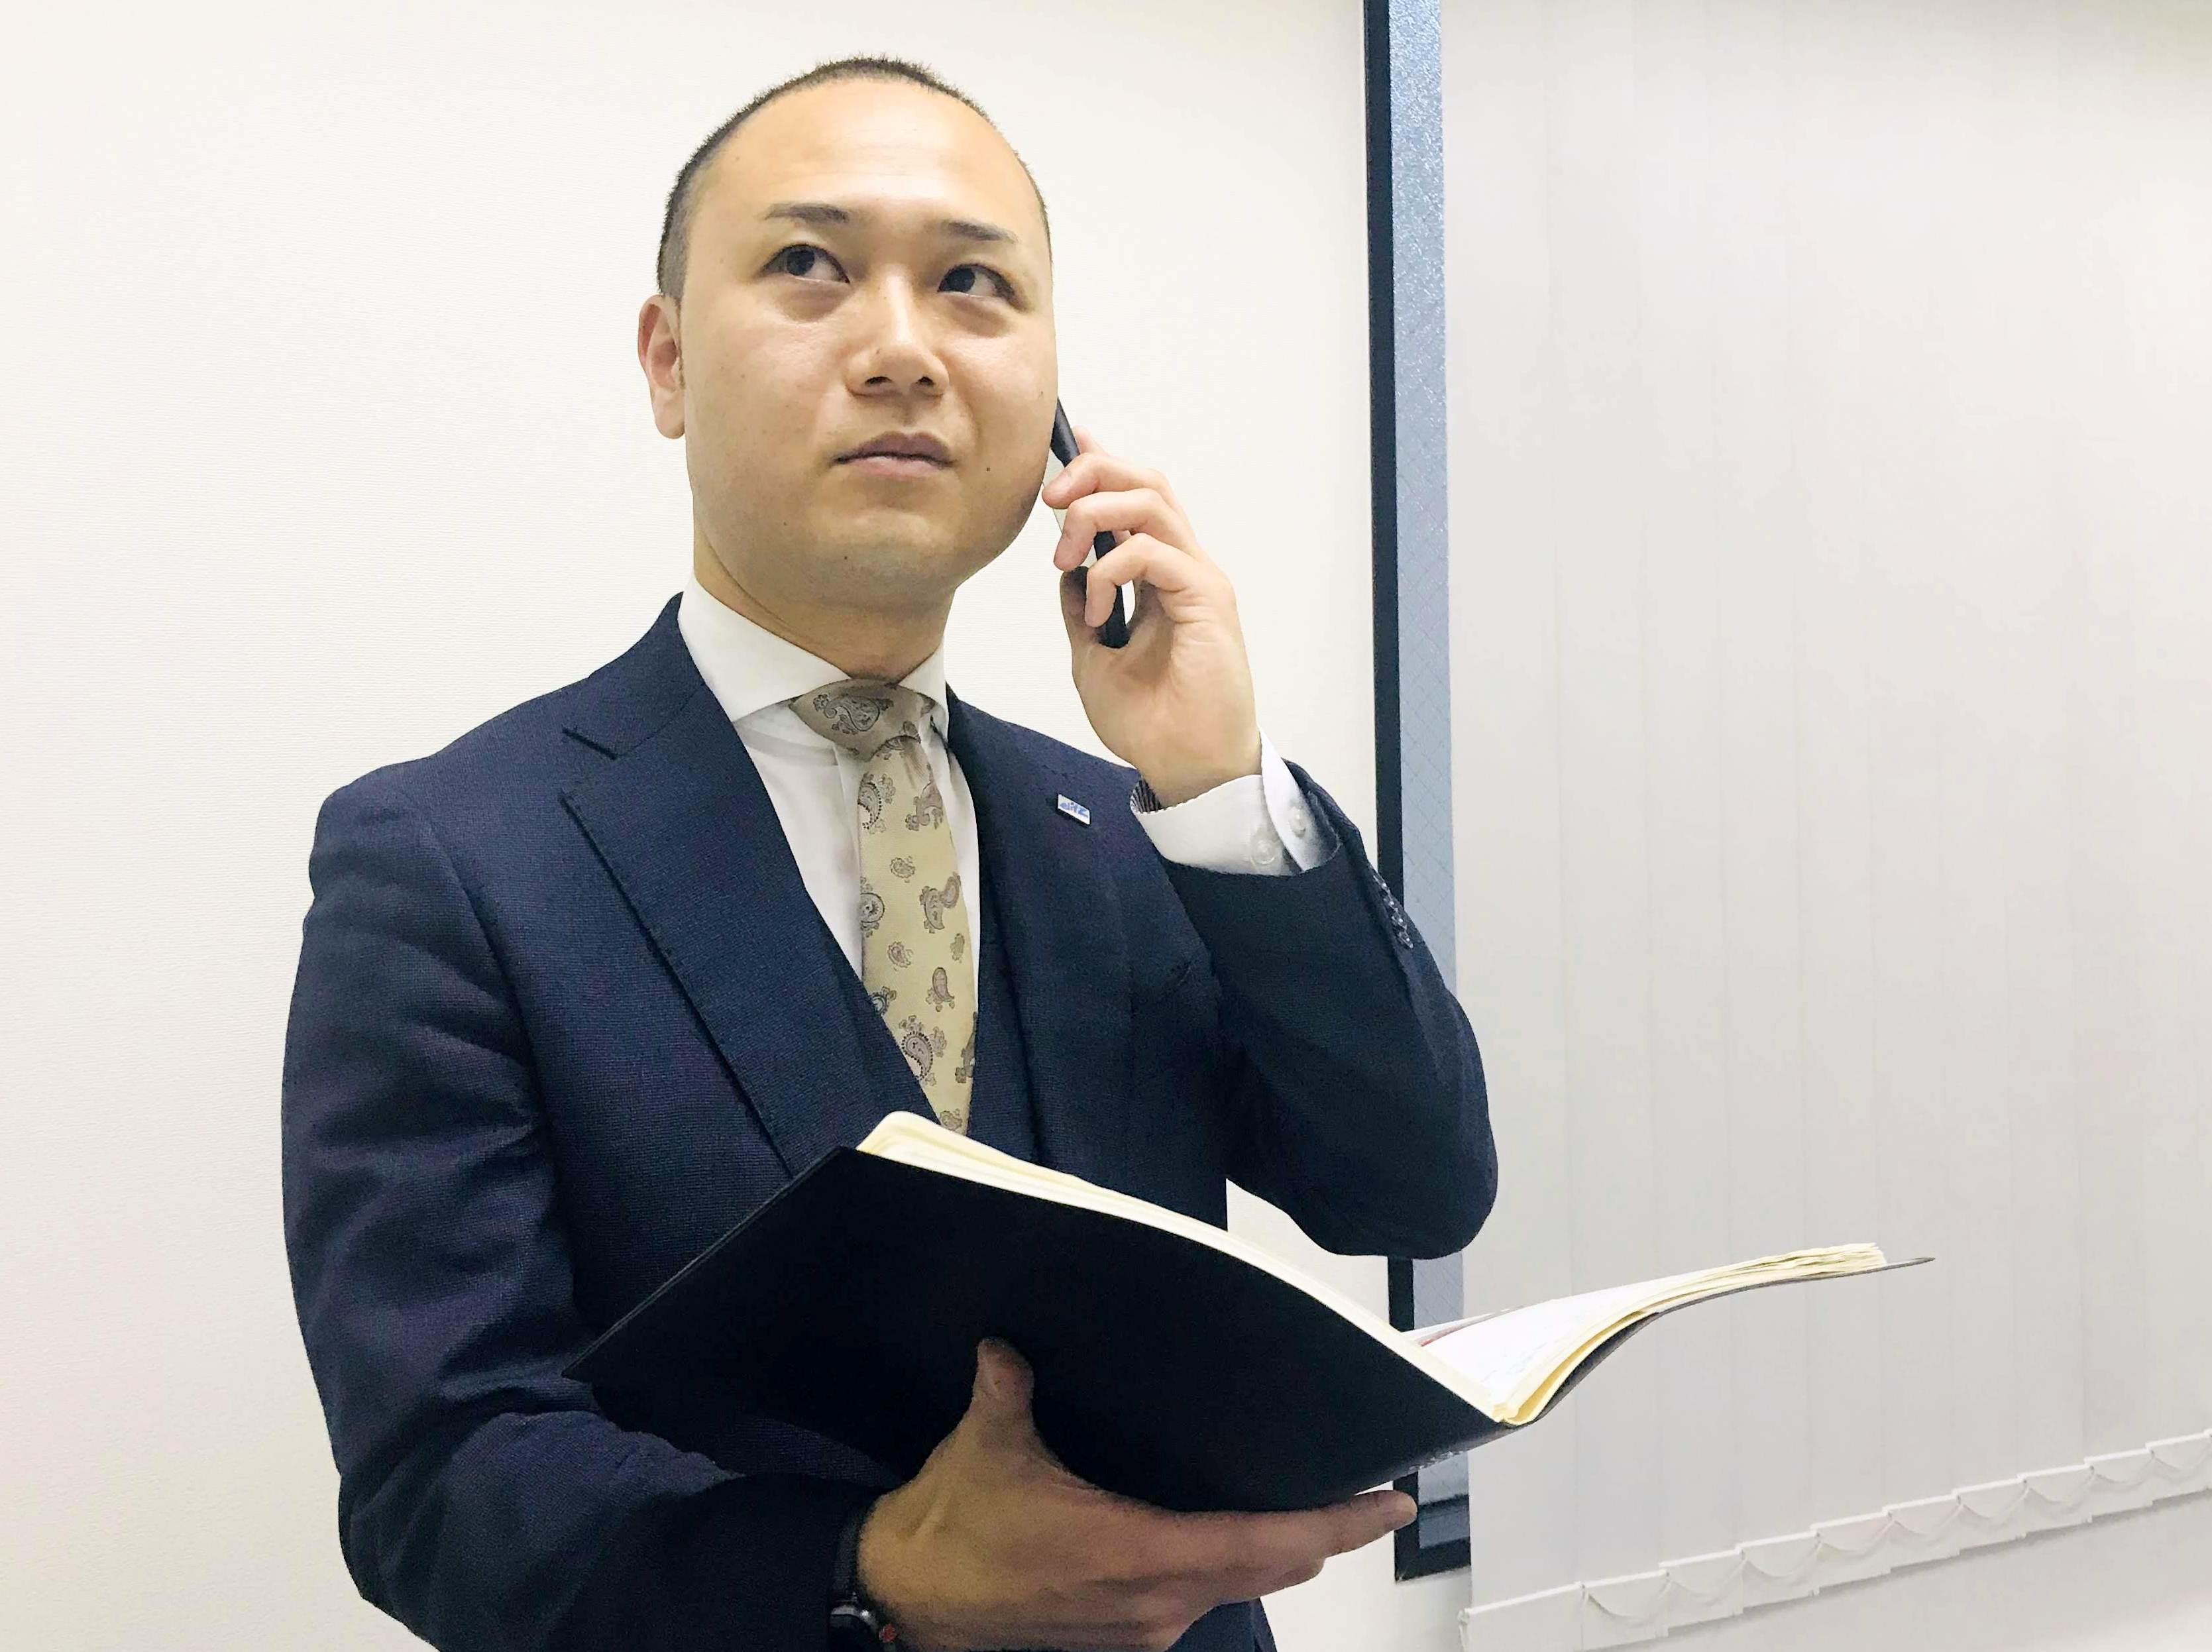 社長秘書 兼 ドライバー(総合職)